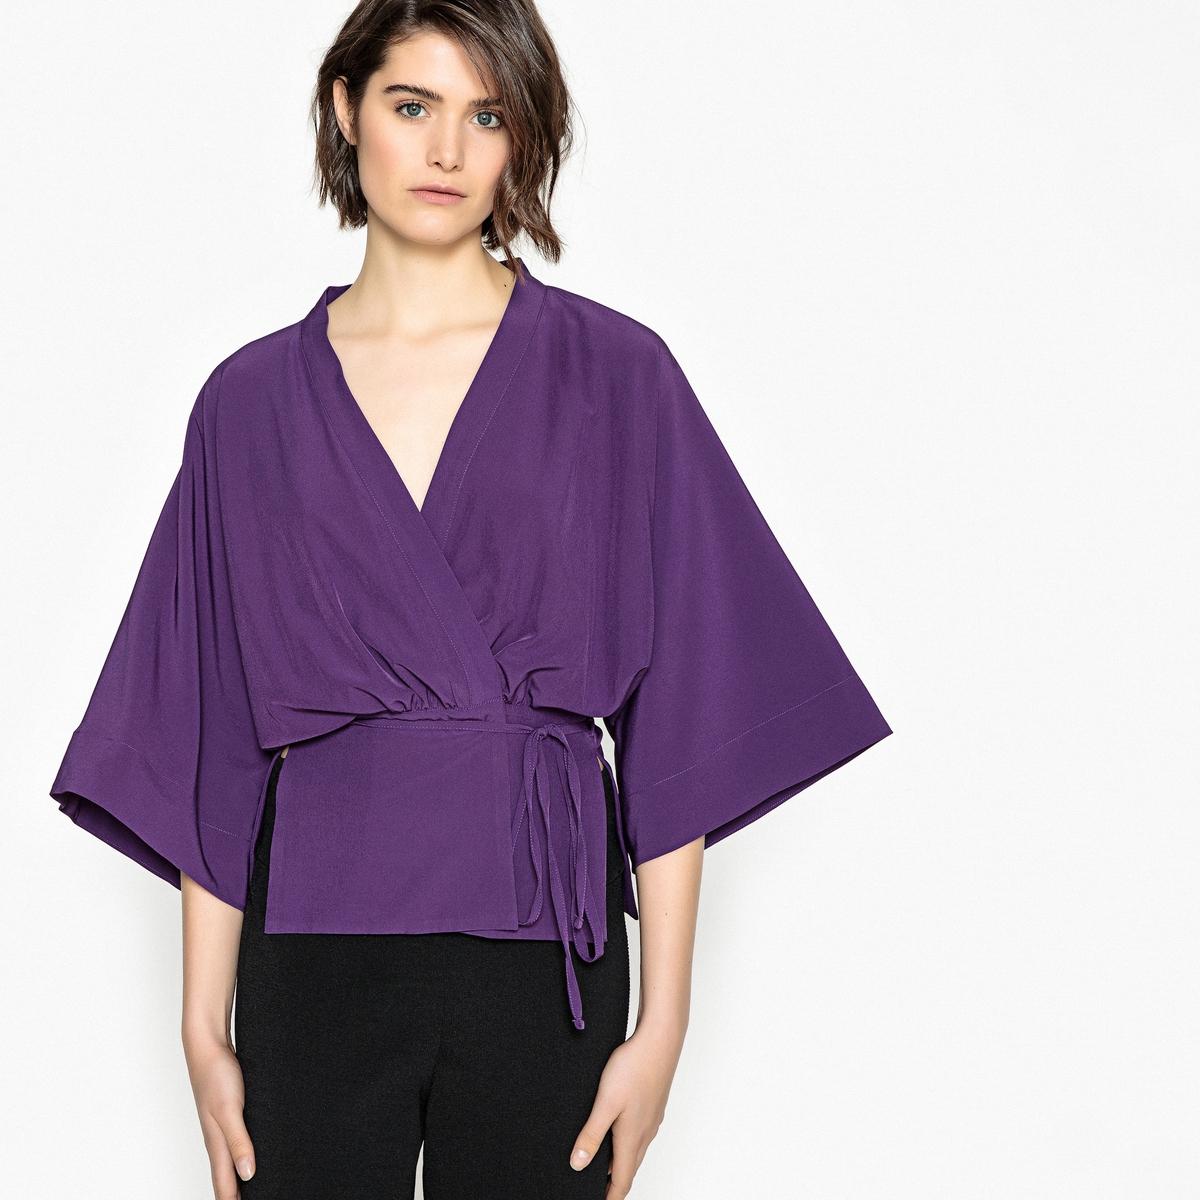 Жакет тонкий в стиле кимоно с поясом и рукавами 3/4 платье в стиле кимоно 44